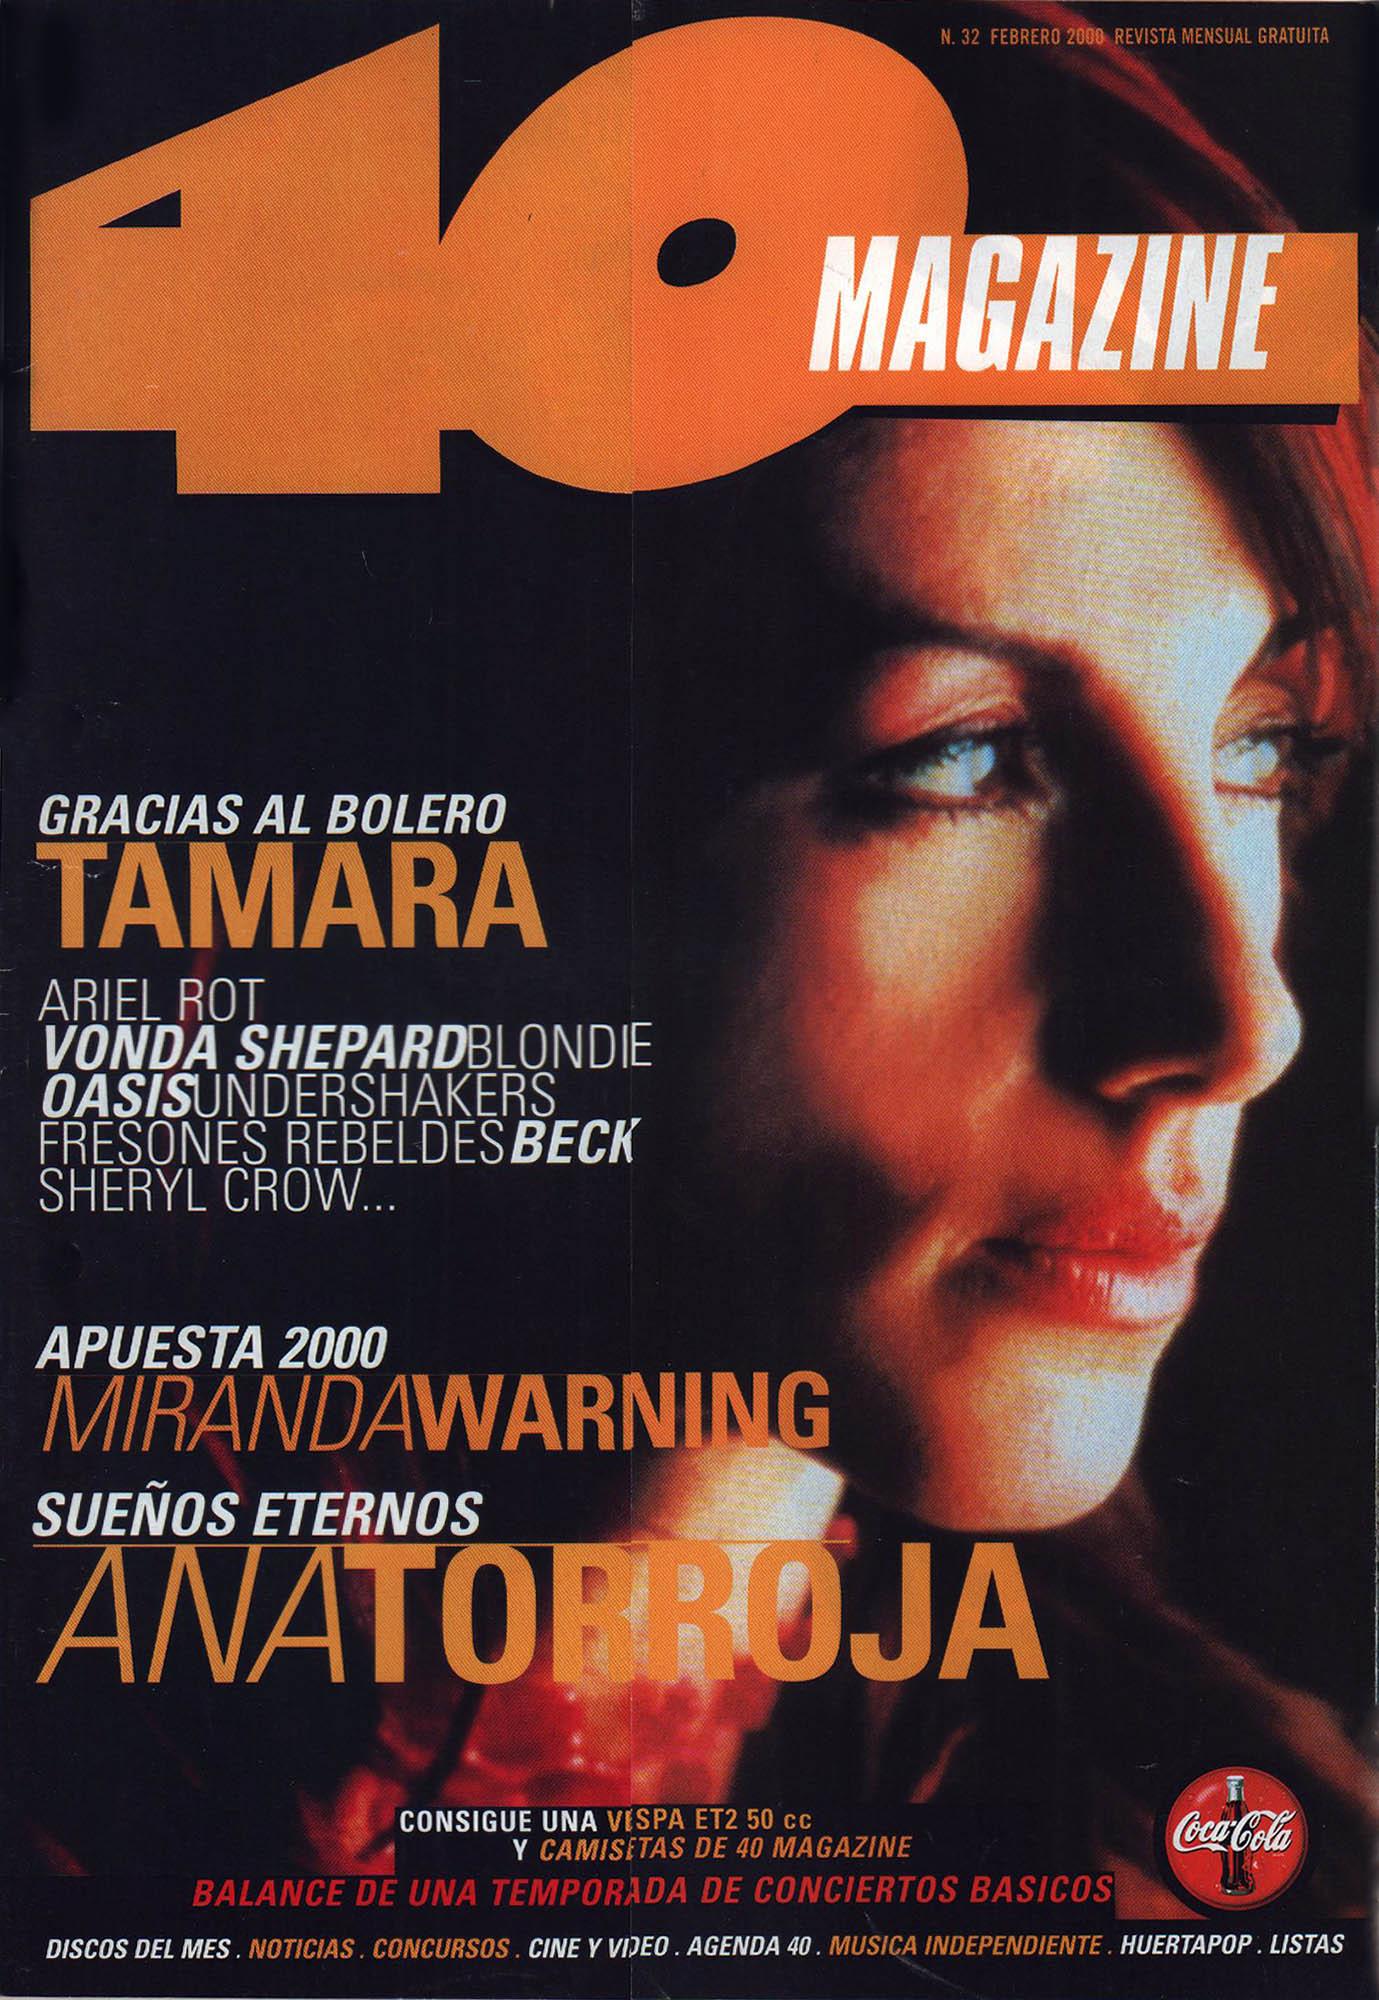 Ana Torroja | 40 Magazine | feb 2000